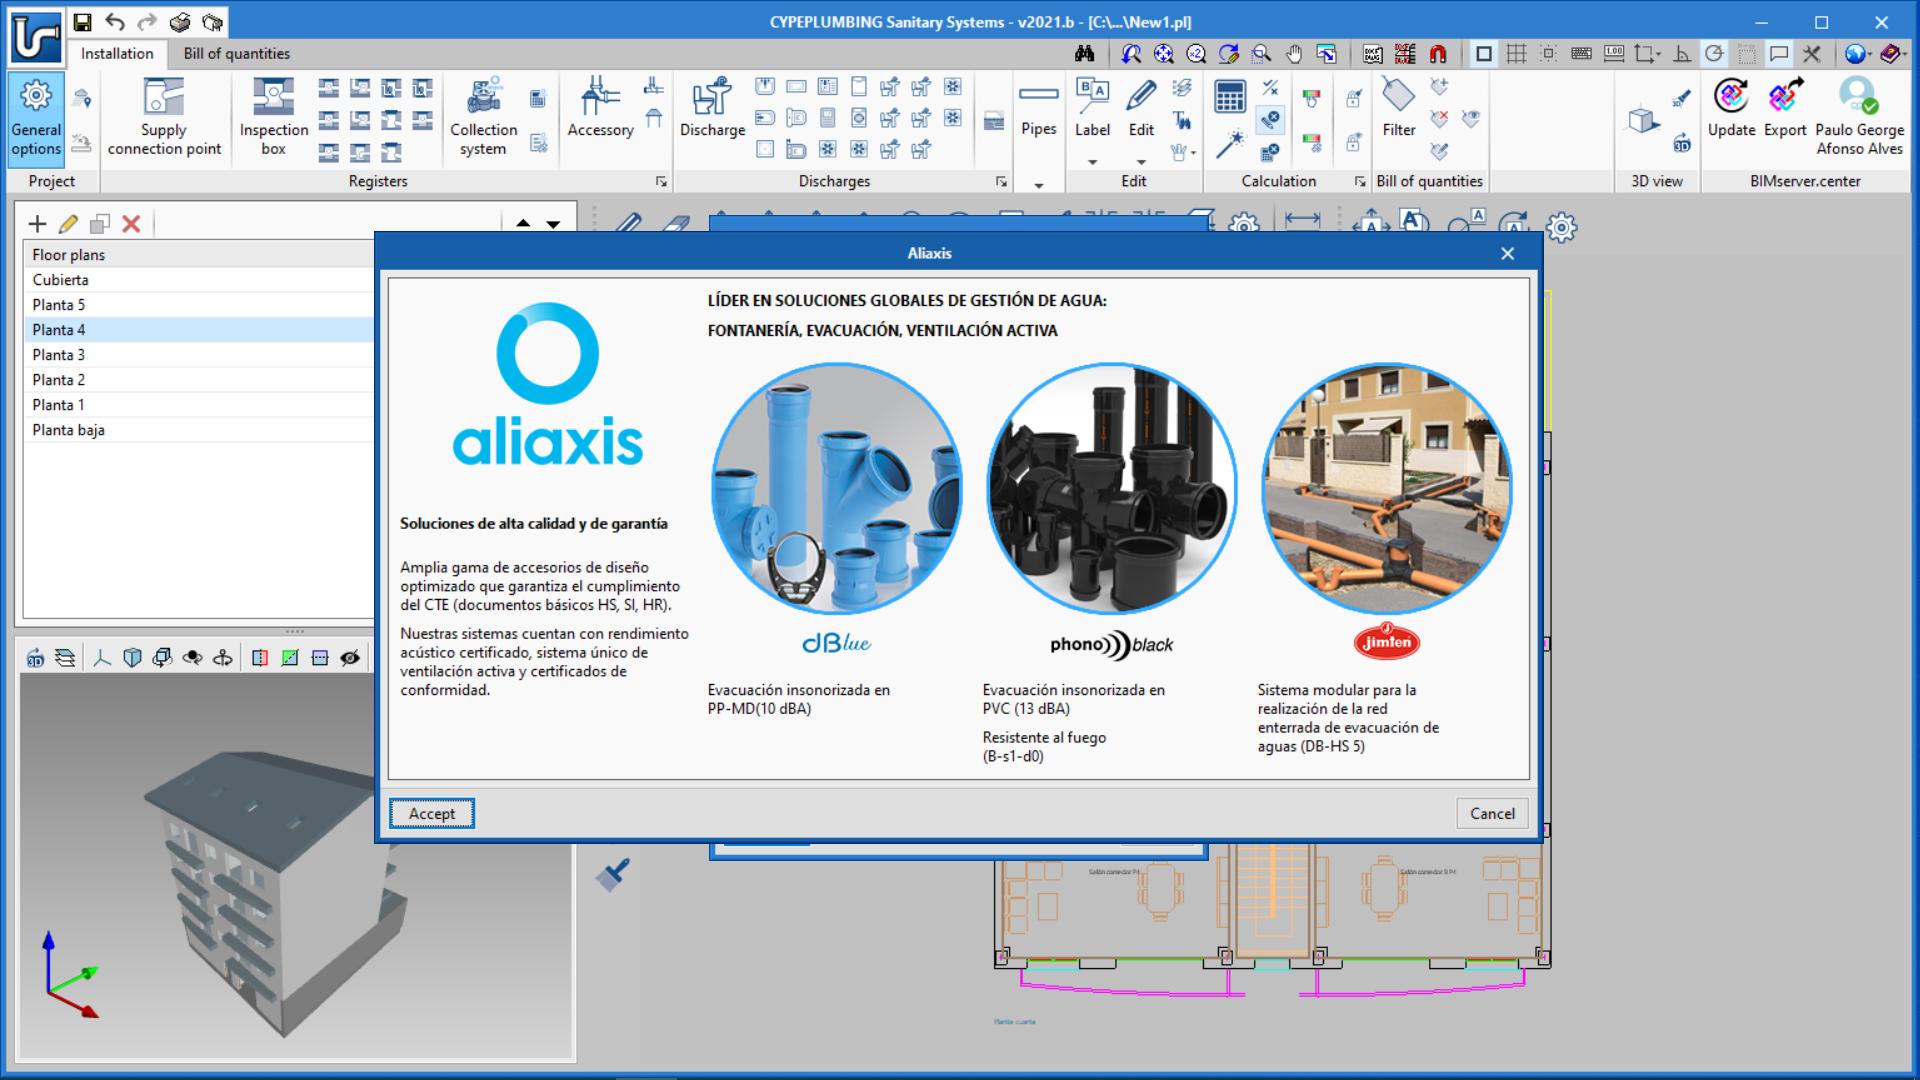 CYPEPLUMBING Sanitary Systems. Novo catálogo de tubos insonorizados Phonoblack por aliaxis